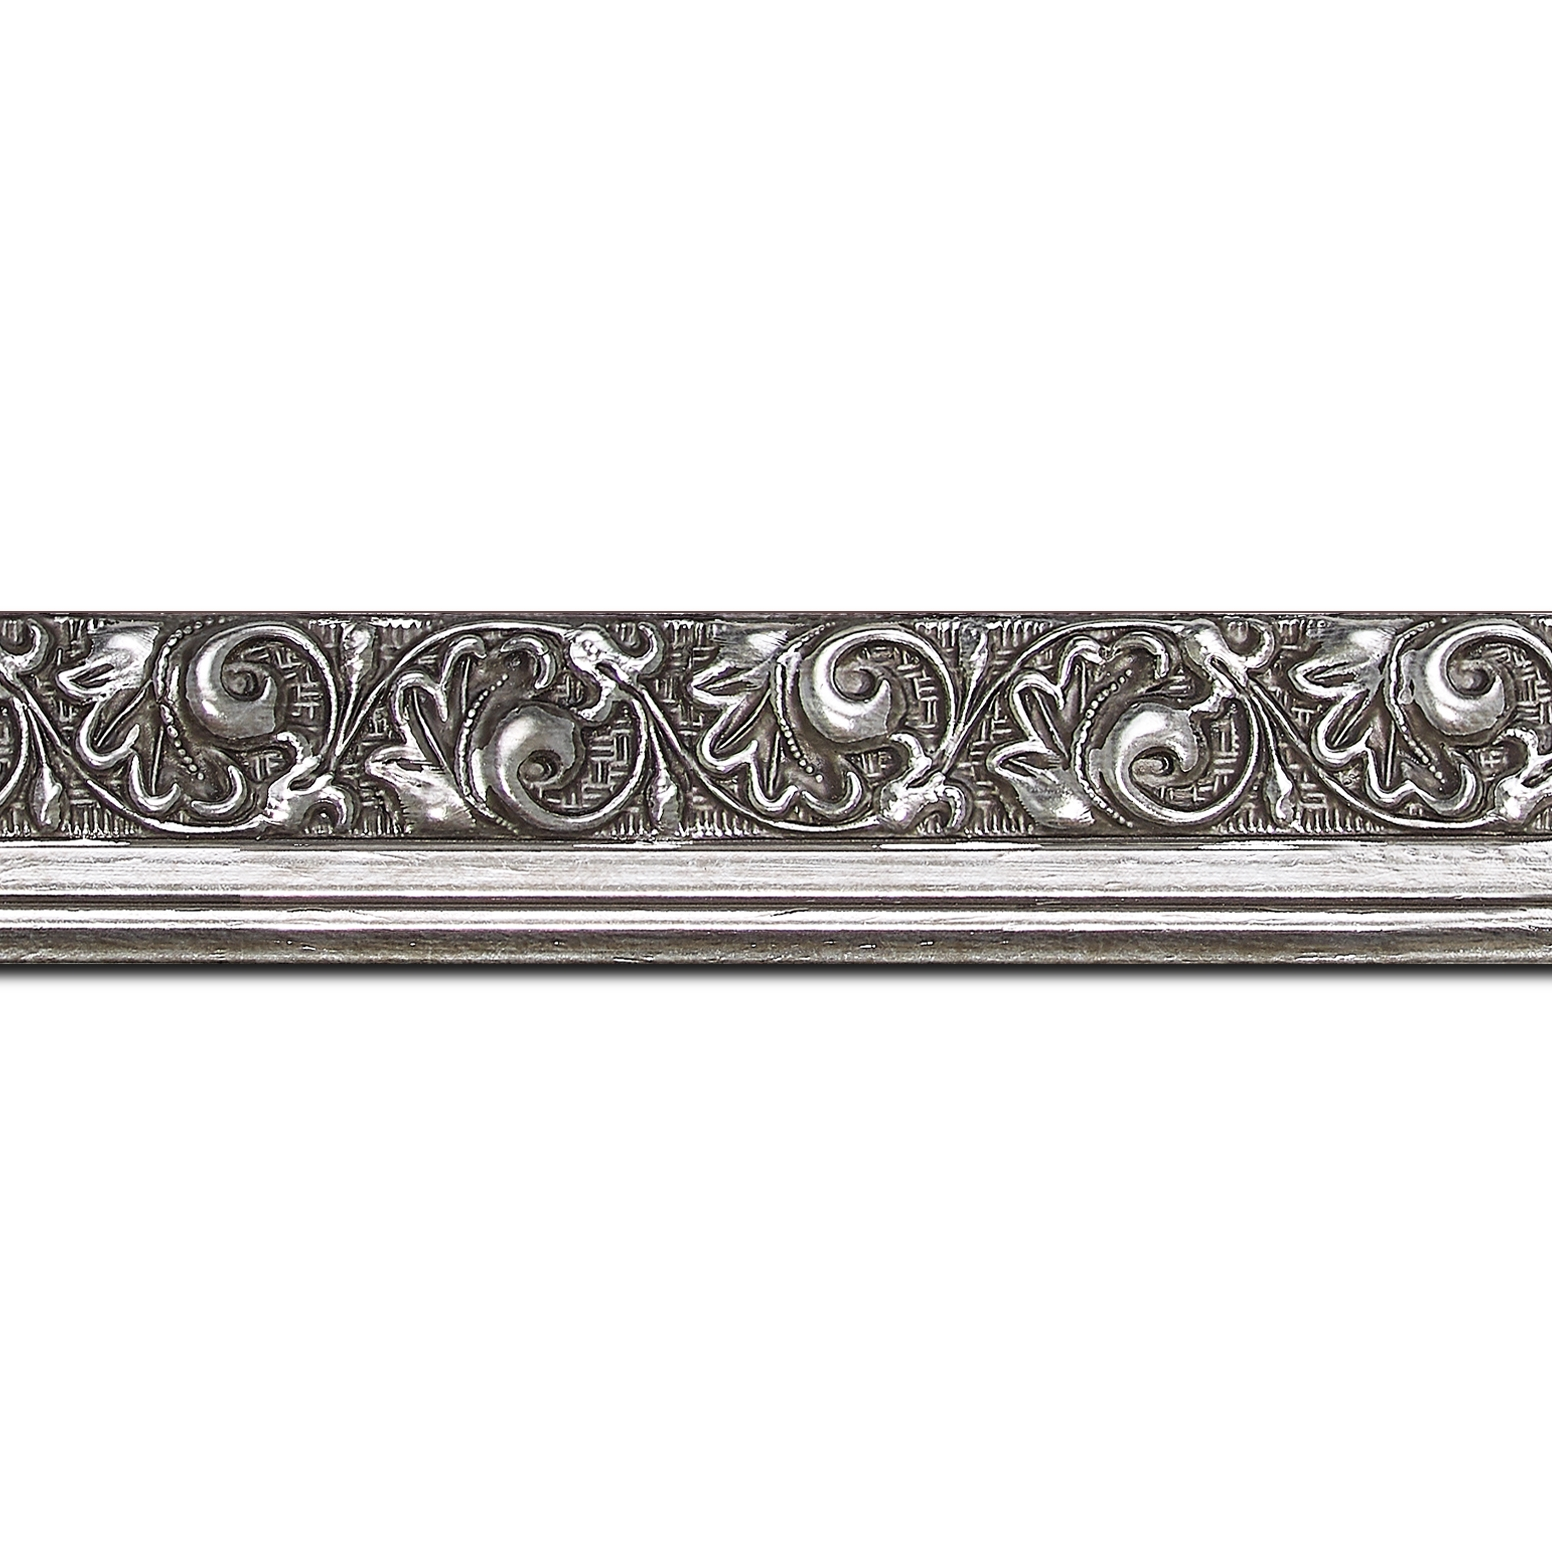 Pack par 12m, bois profil plat largeur 3.5cm argent froid antique satiné décor frise (longueur baguette pouvant varier entre 2.40m et 3m selon arrivage des bois)